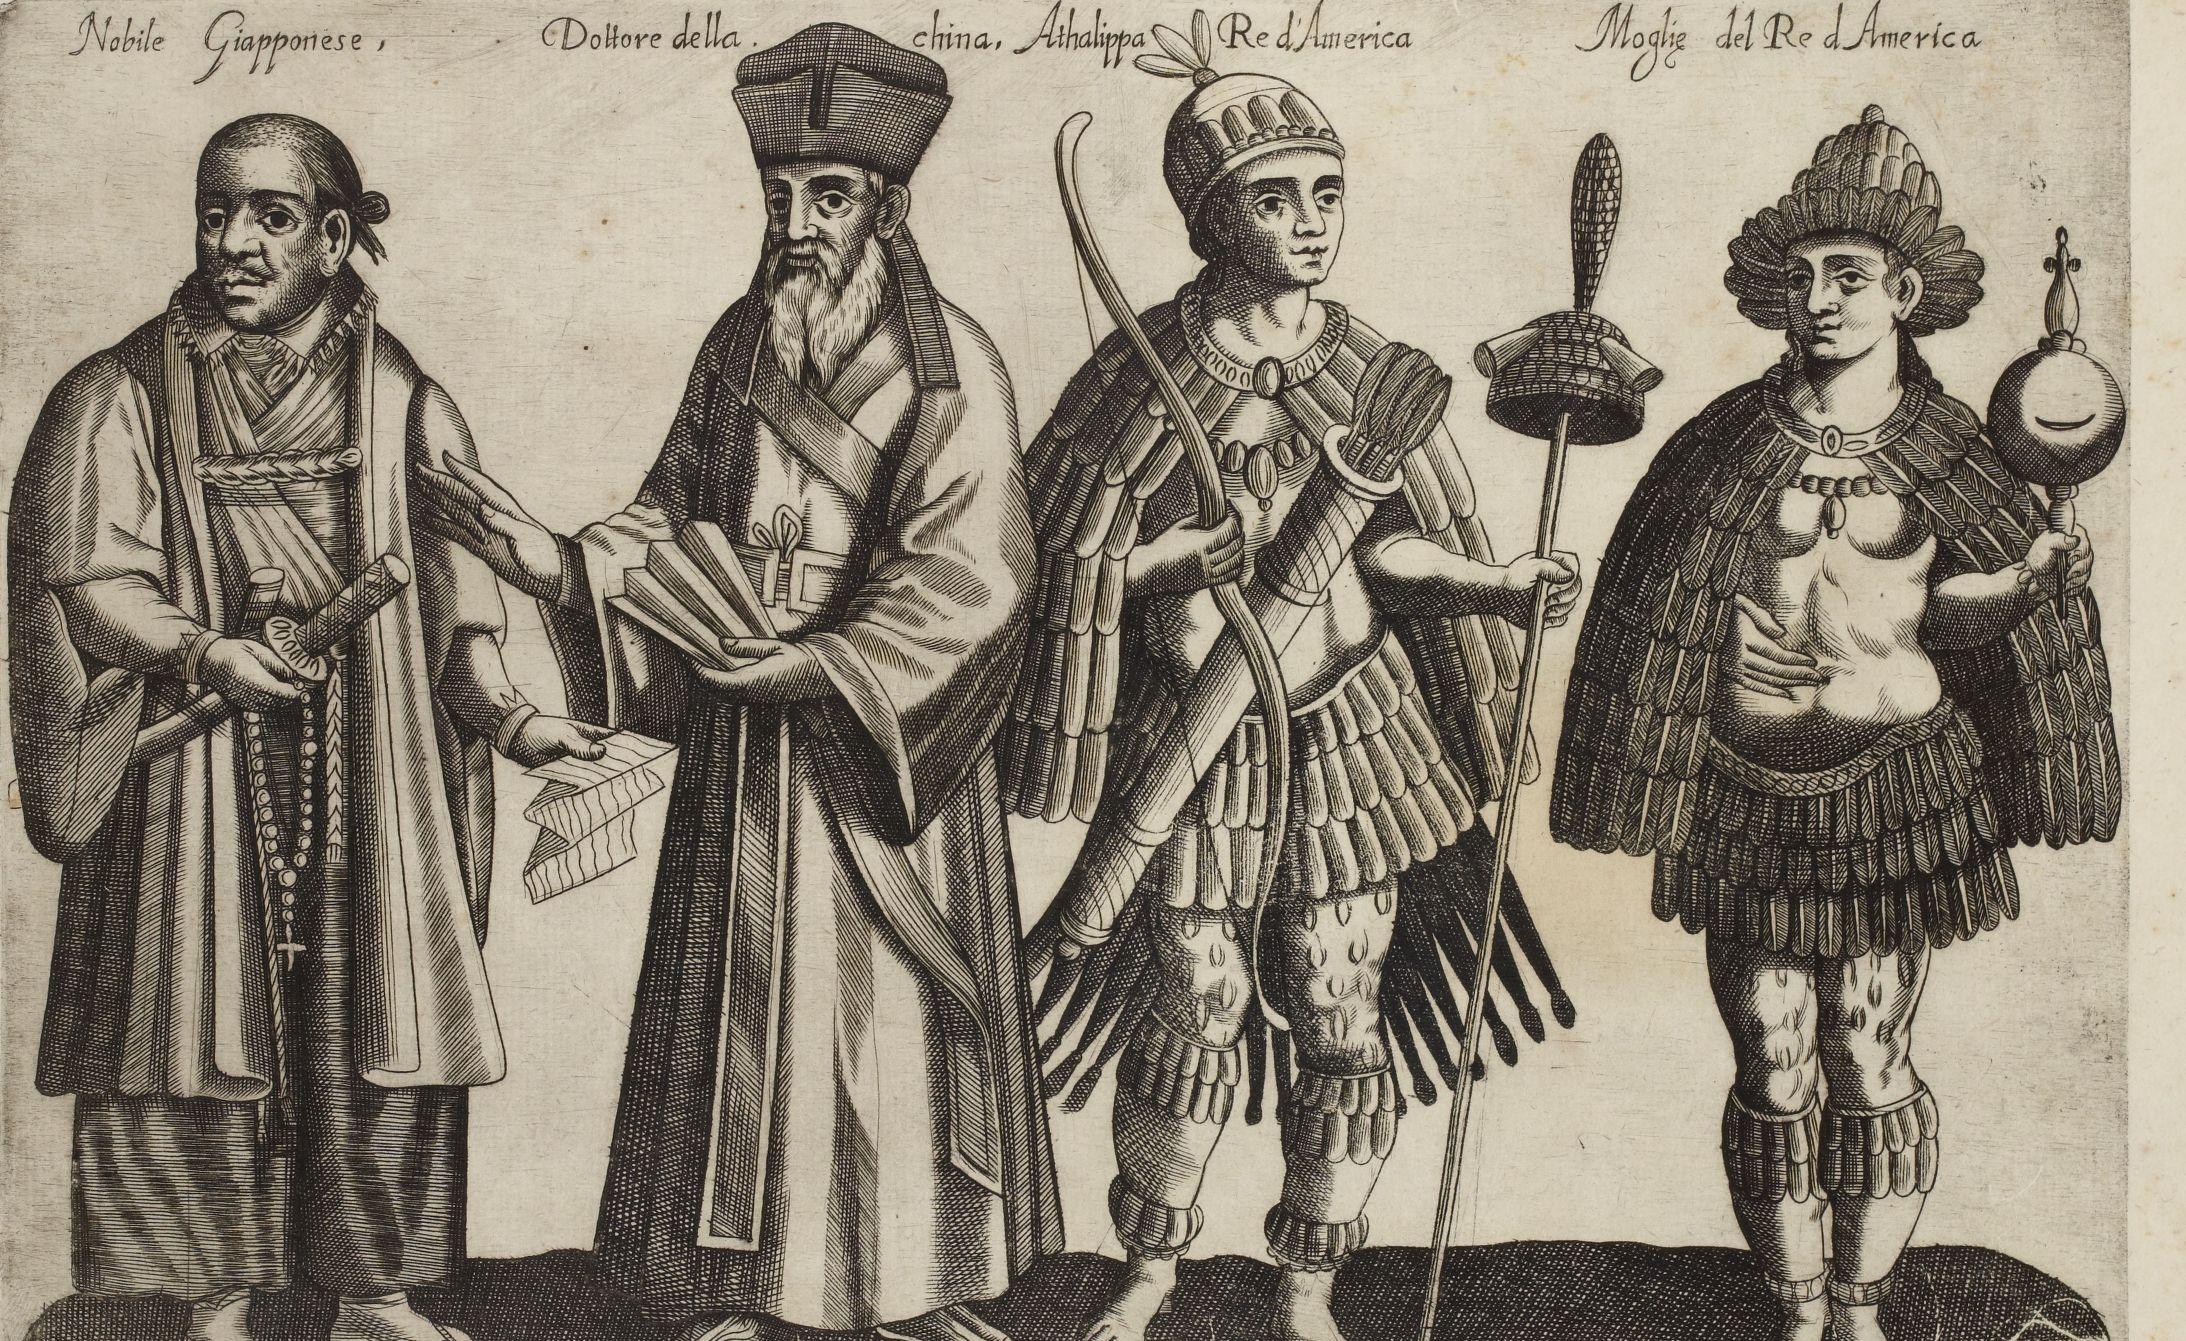 Jean-Jacques Boissard, Recueil de costumes étrangers, 1581 Boissard, Jean-Jacques (1528-1602)